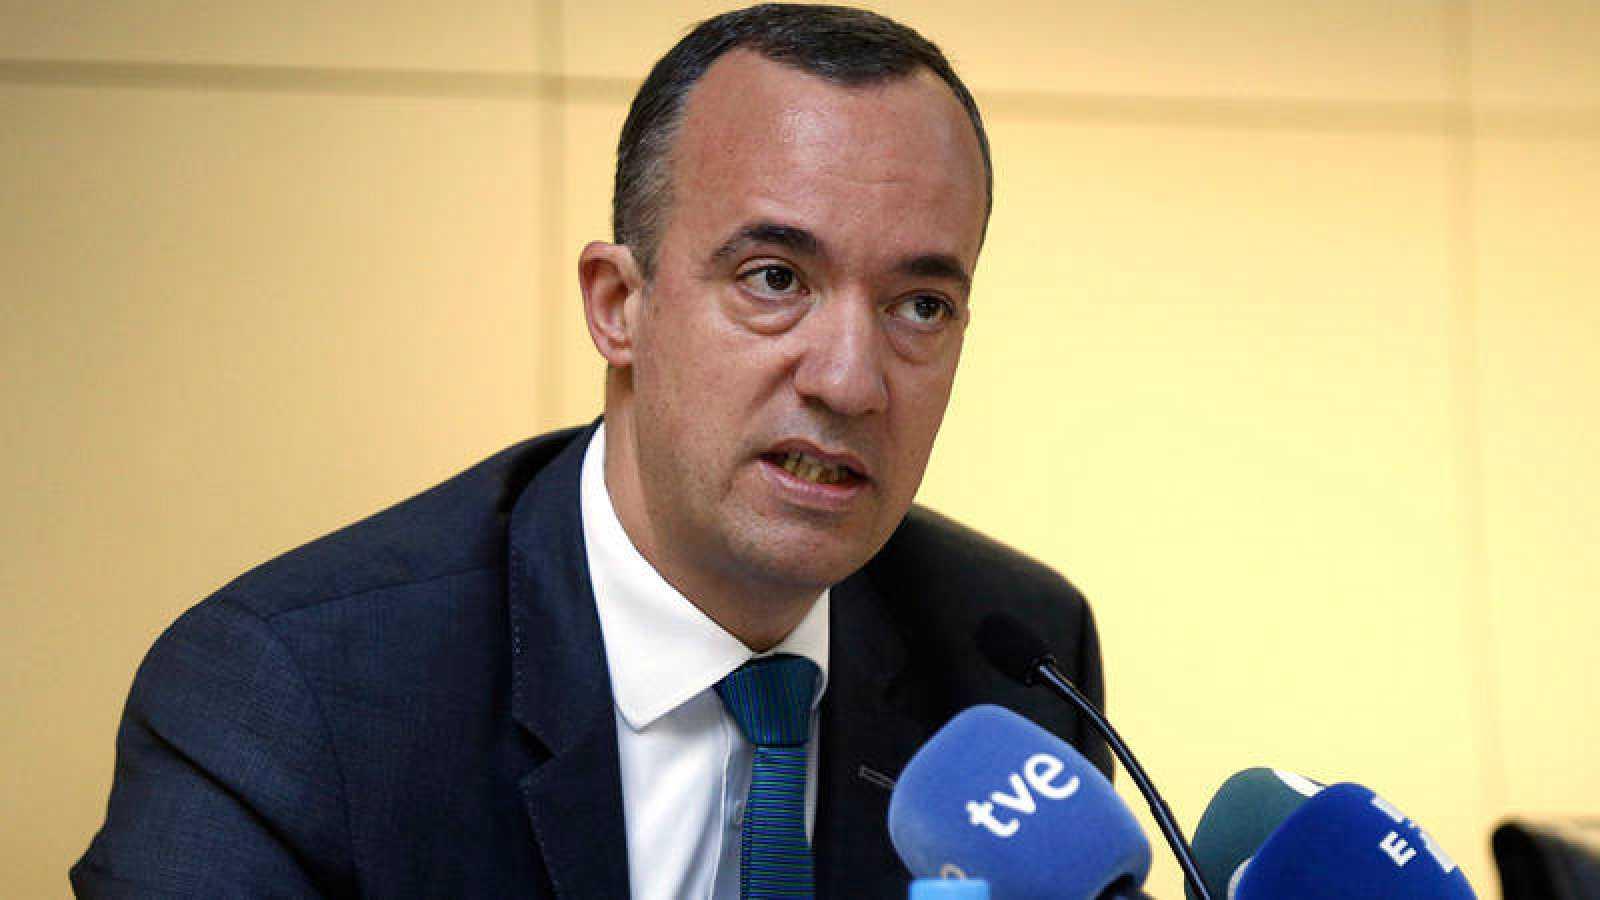 El ex secretario de Estado de Seguridad Francisco Martínez, en una imagen de 2016